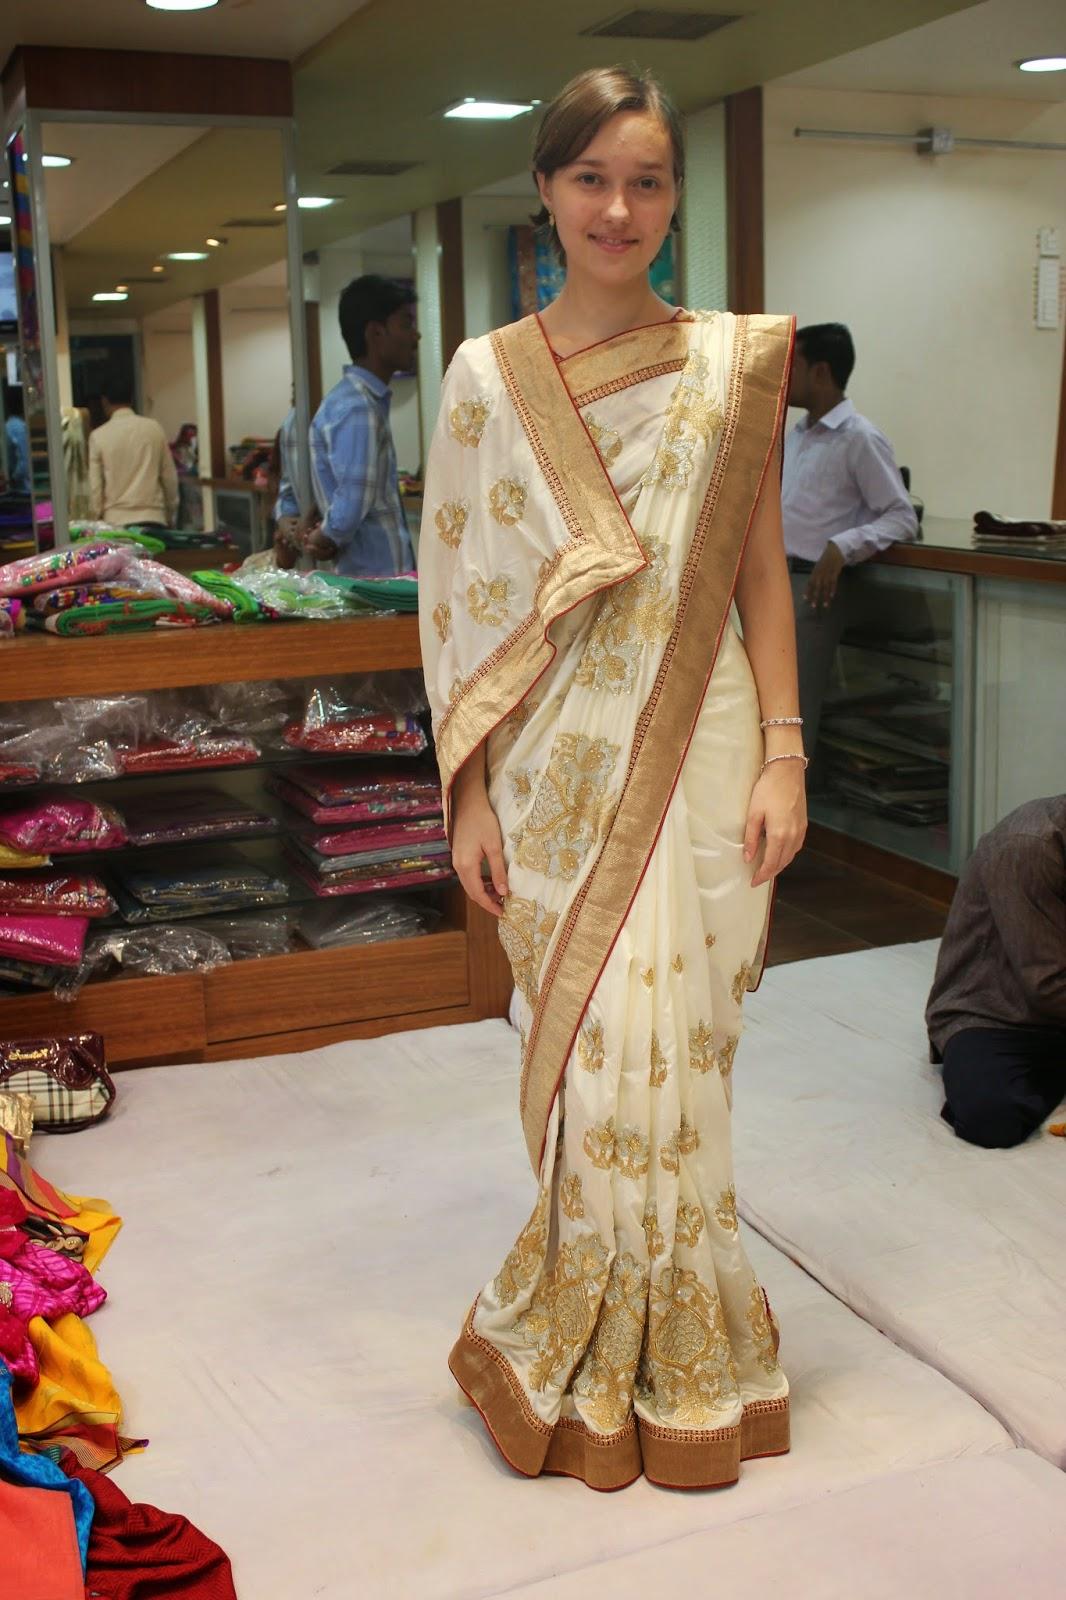 Hochzeitssaison   Mein Auslandsjahr in Indien